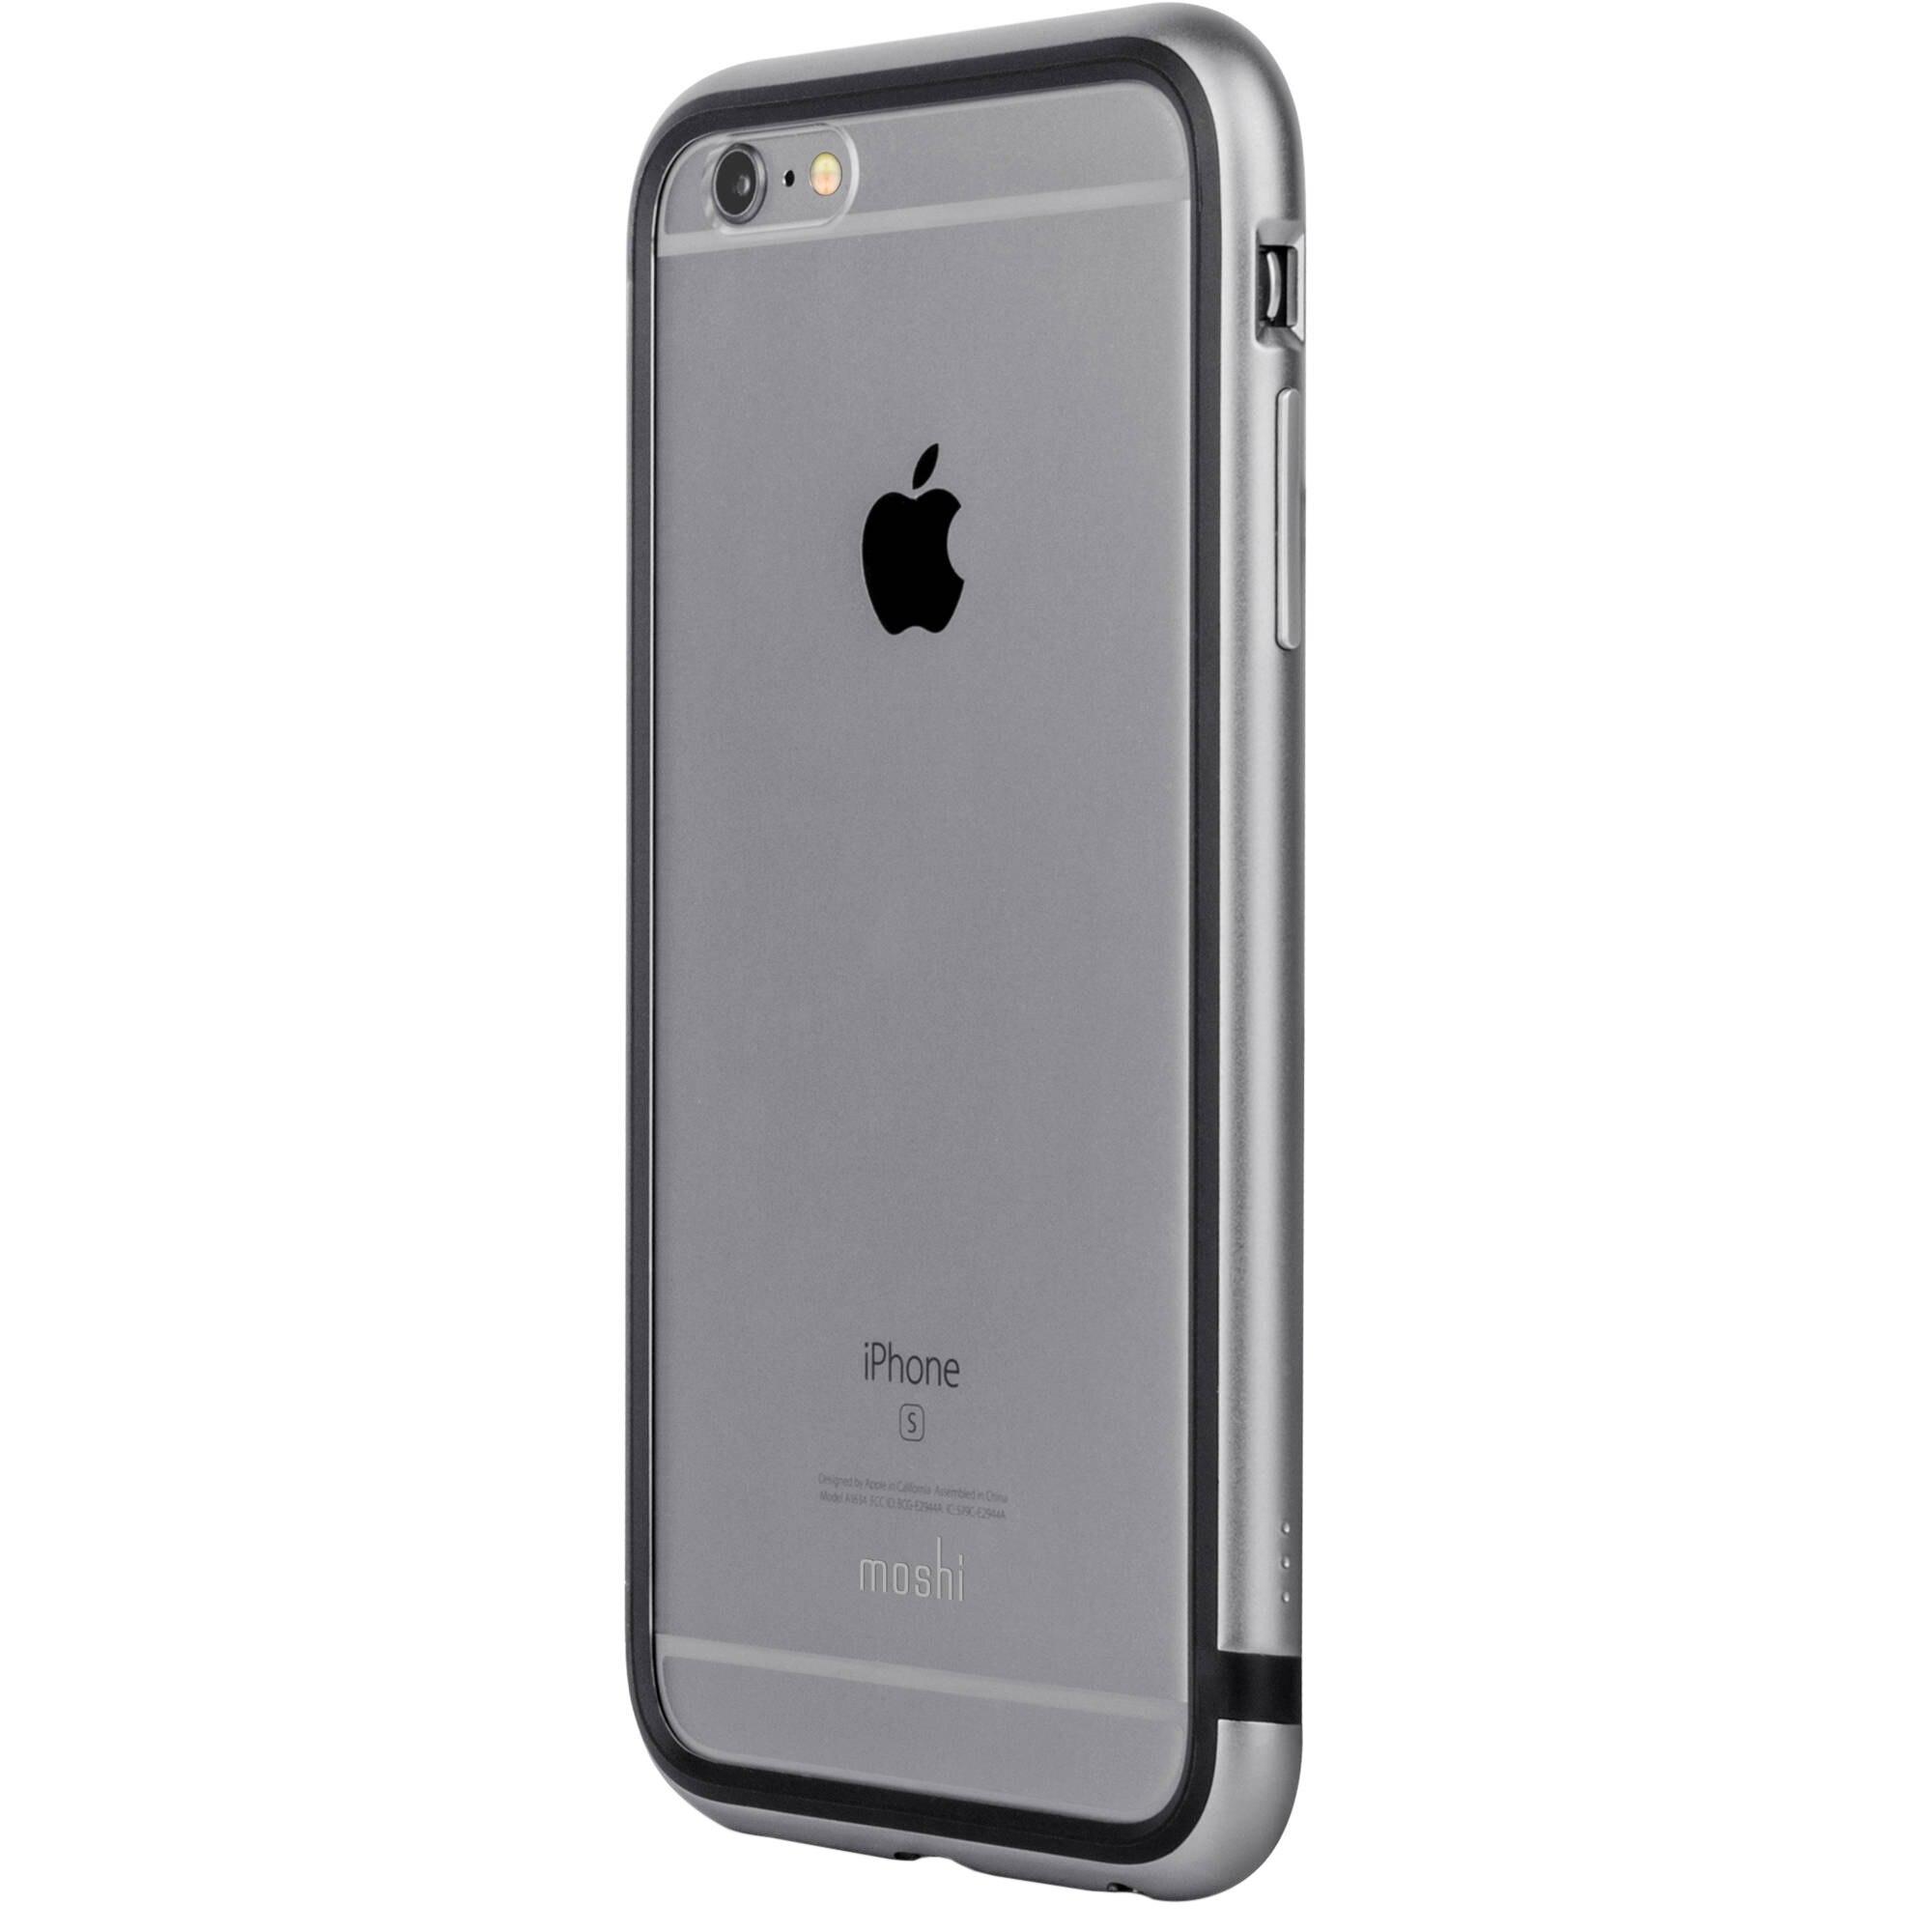 Fotografie Husa de protectie Moshi iGlaze Luxe pentru iPhone 6 Plus/6S Plus, Titanium Grey